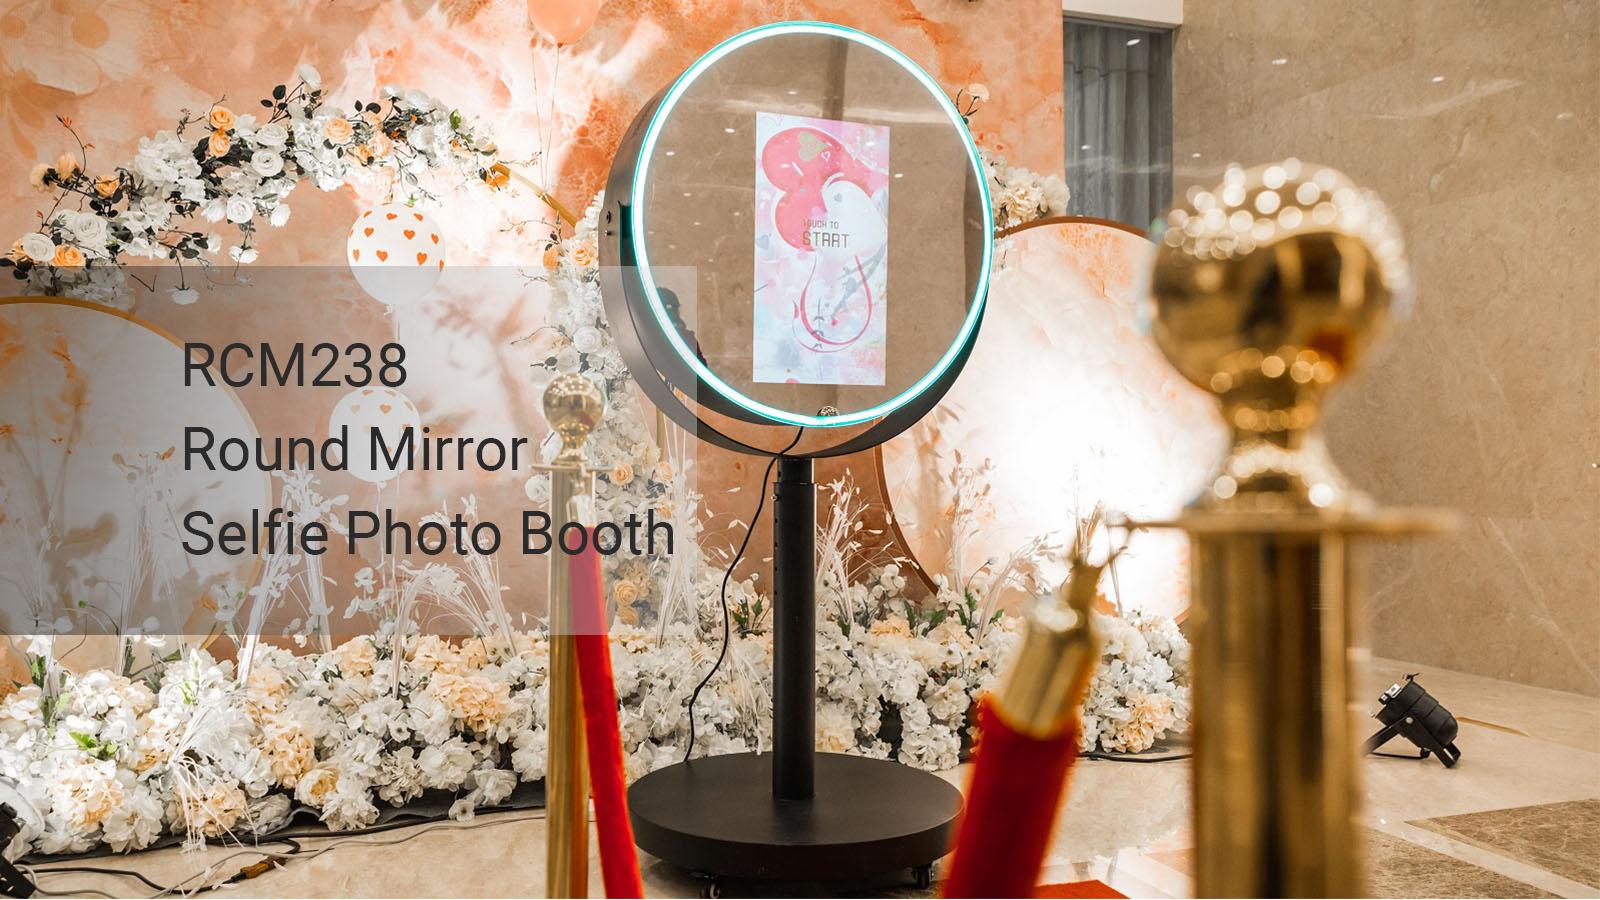 Round Photobooth Mirror Machine Wedding Selfie Magic Photo Mirror Booth for sale